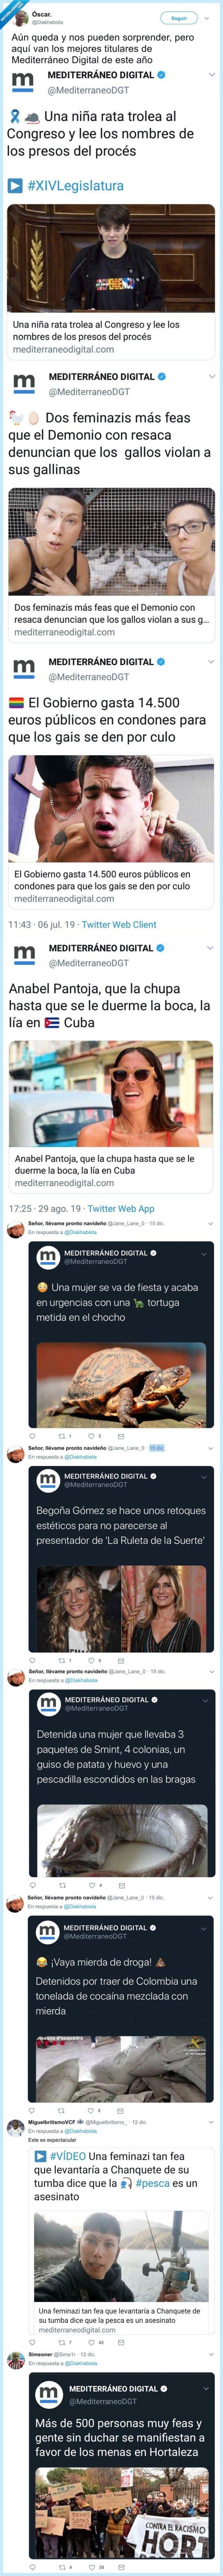 mediterráneo digital,politicamente incorrectos,titulares